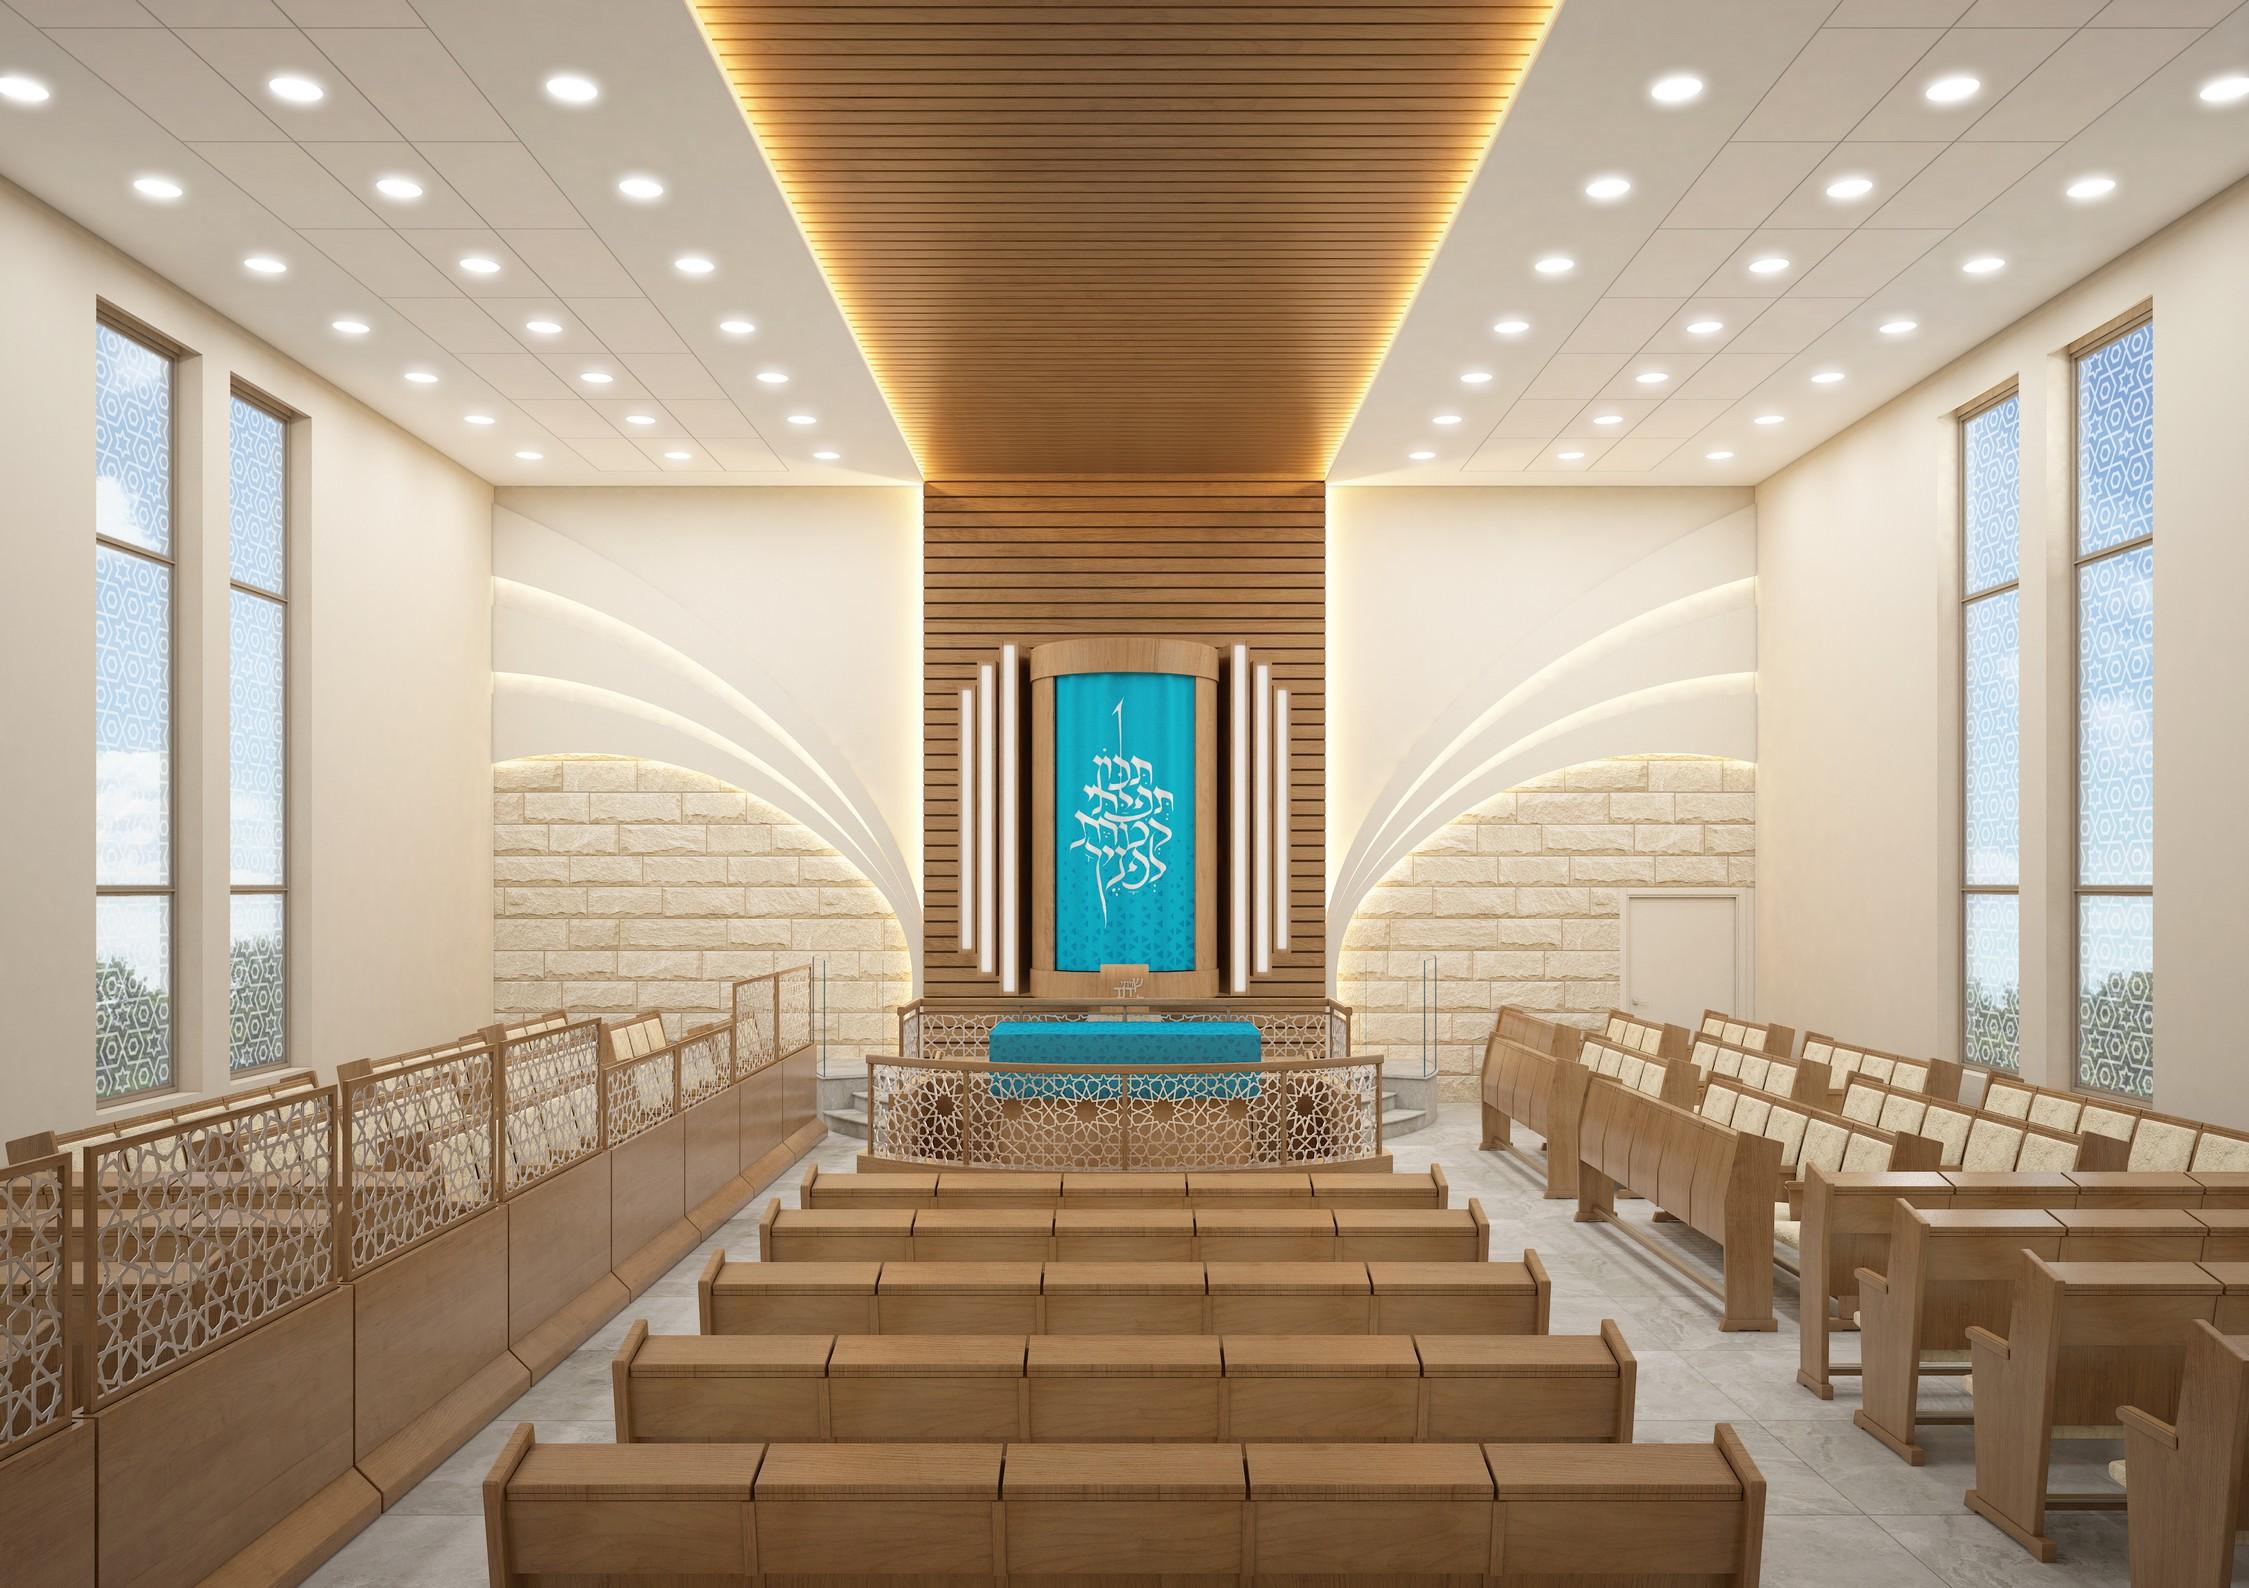 """בית הכנסת של קהילת """"יחד"""" הינה קהילה צעירה ותוססת, בשכונת פסגת אונו - ארון קודש - מראה פנימי"""